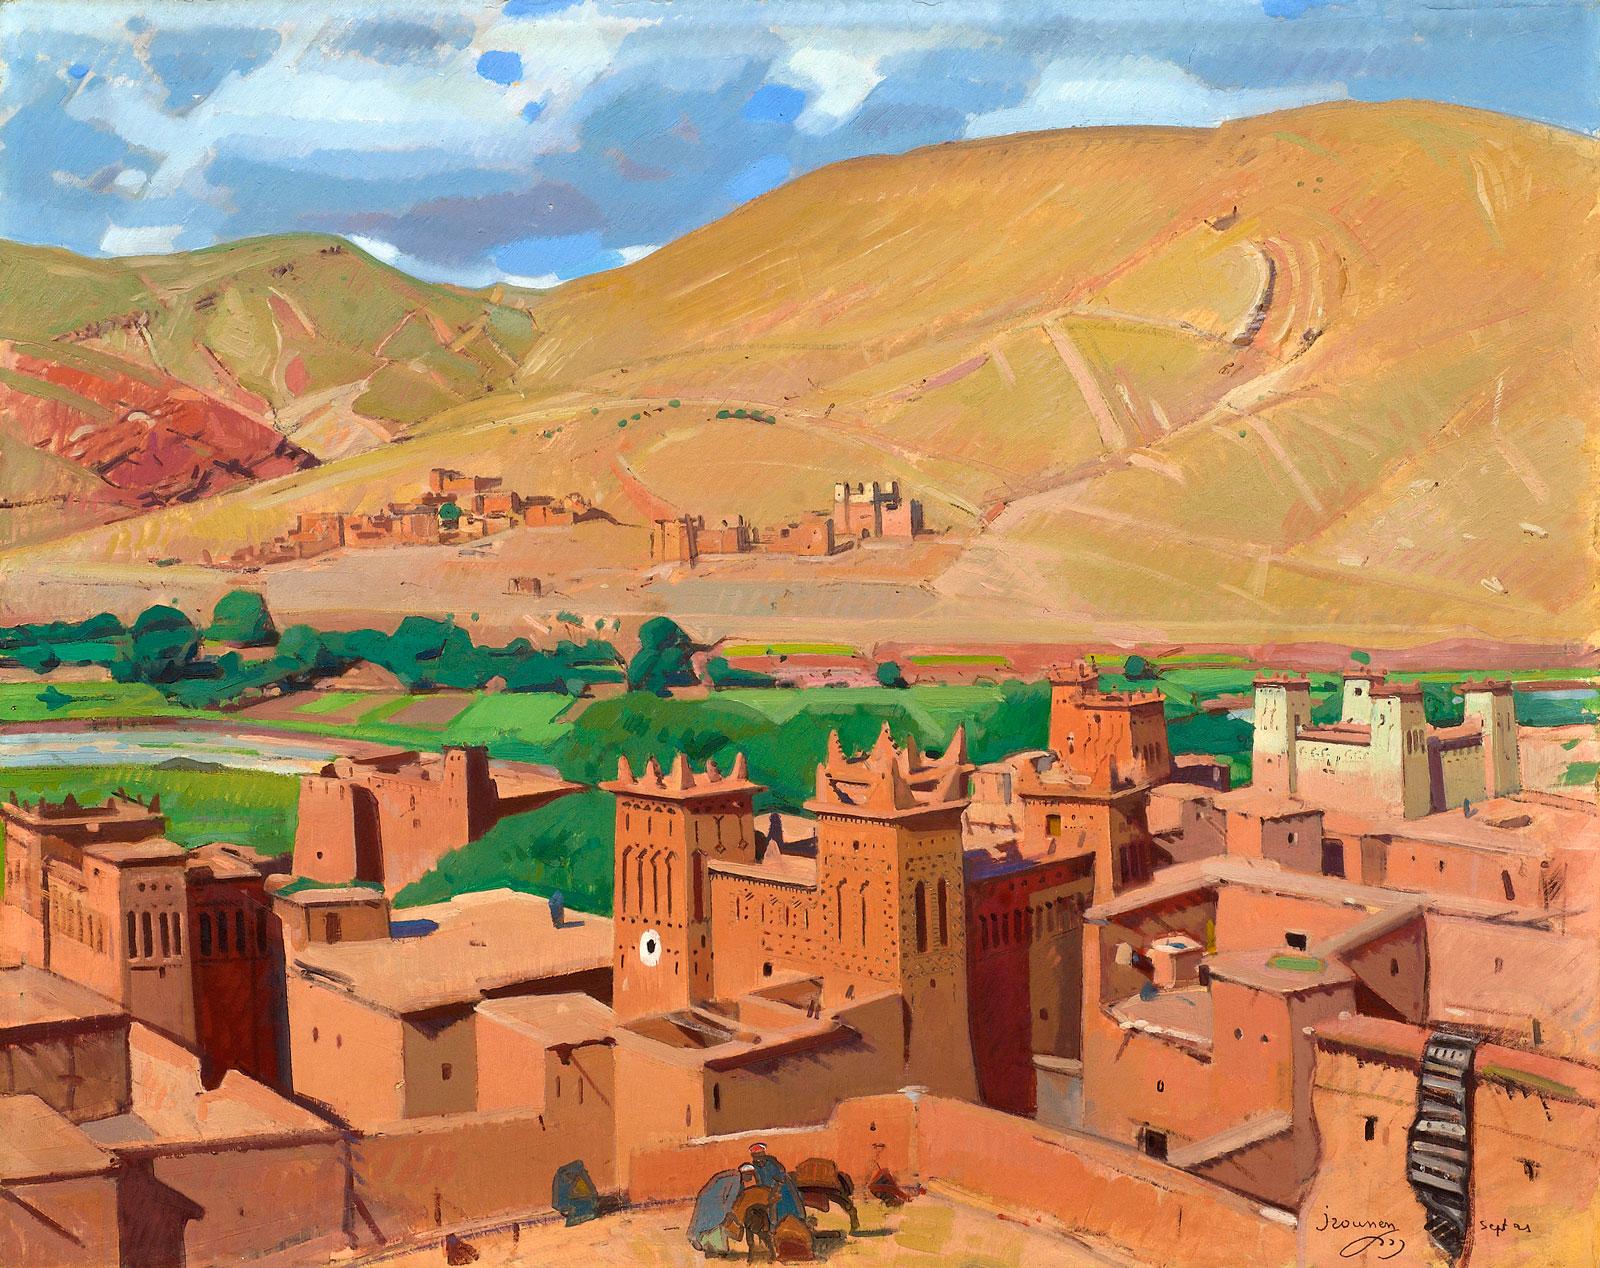 Th au jasmin tableaux orientalistes jacques majorelle et ses contemporains - Peintre majorelle oeuvres ...